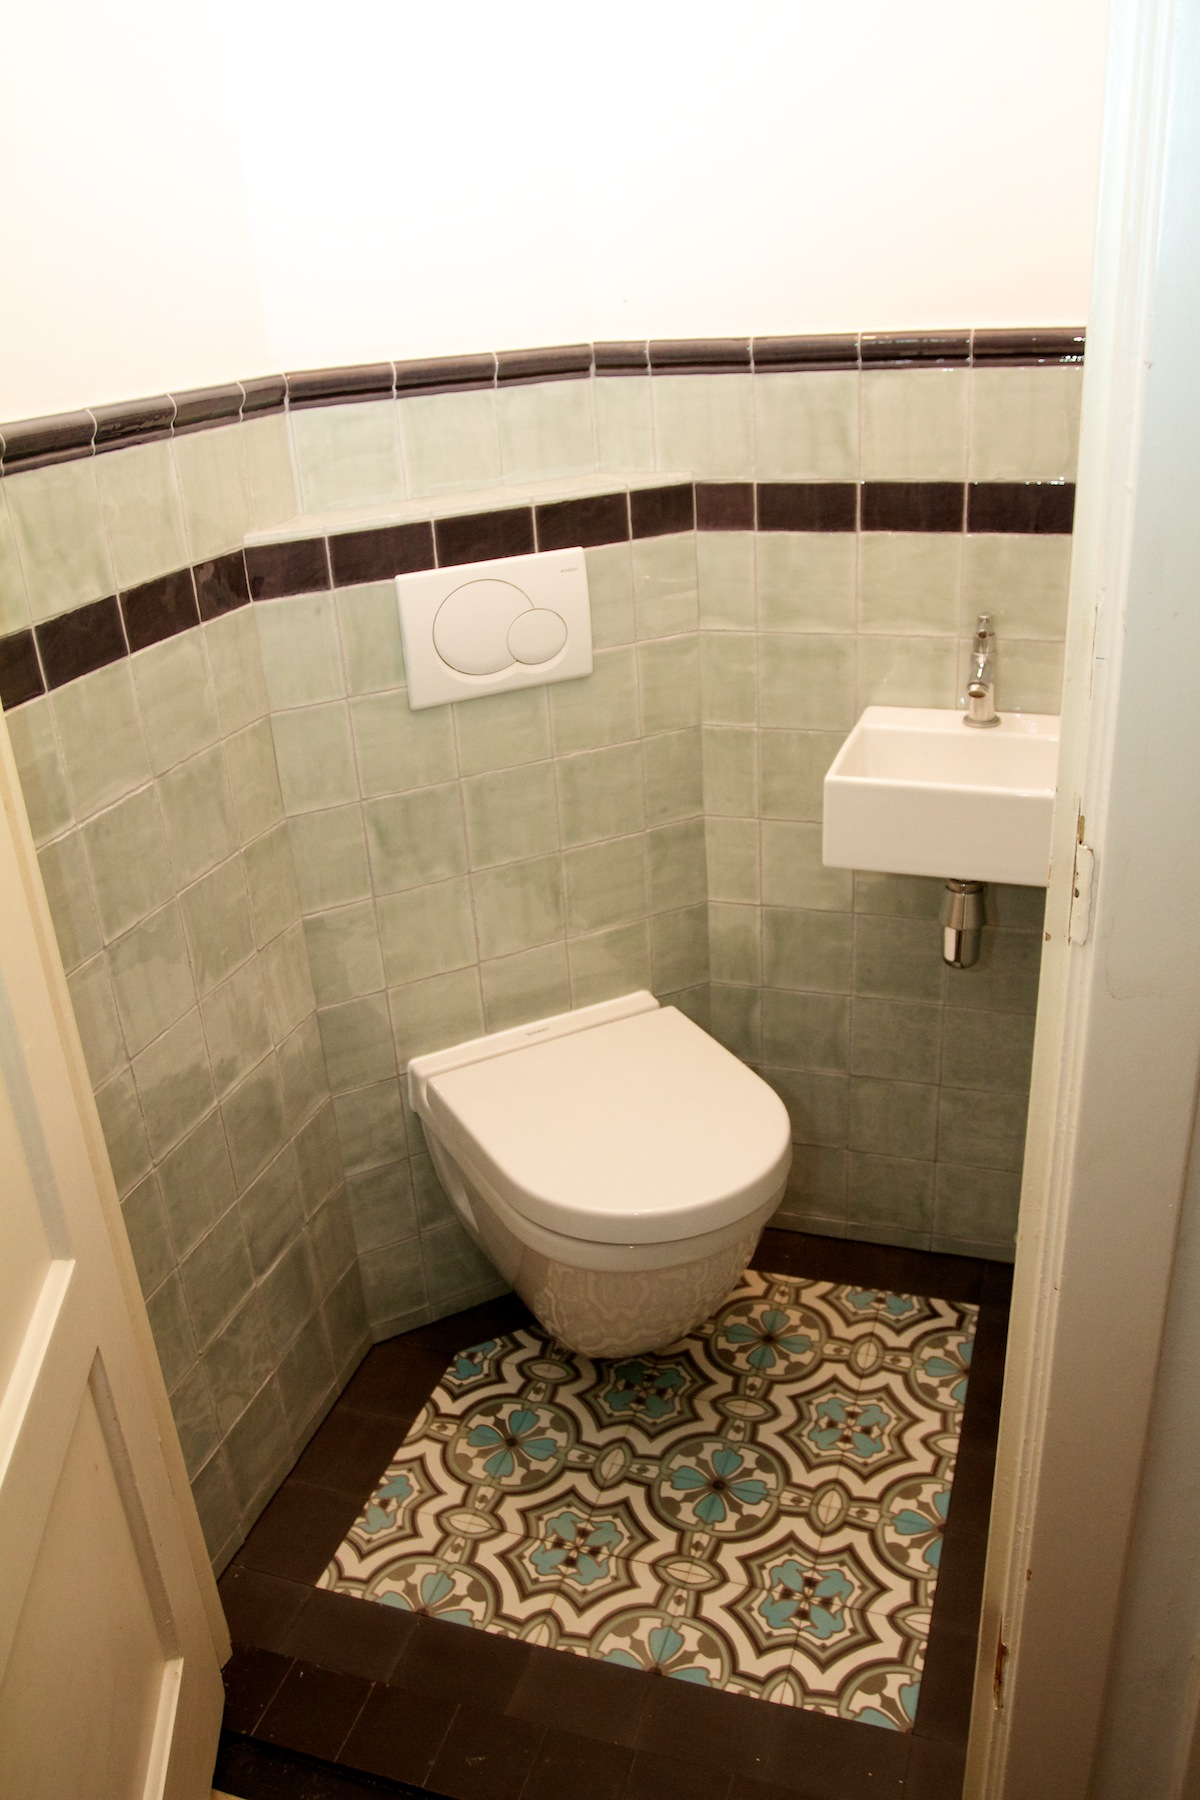 De tegel hilversum engelse wandtegels - Tegel model voor wc ...